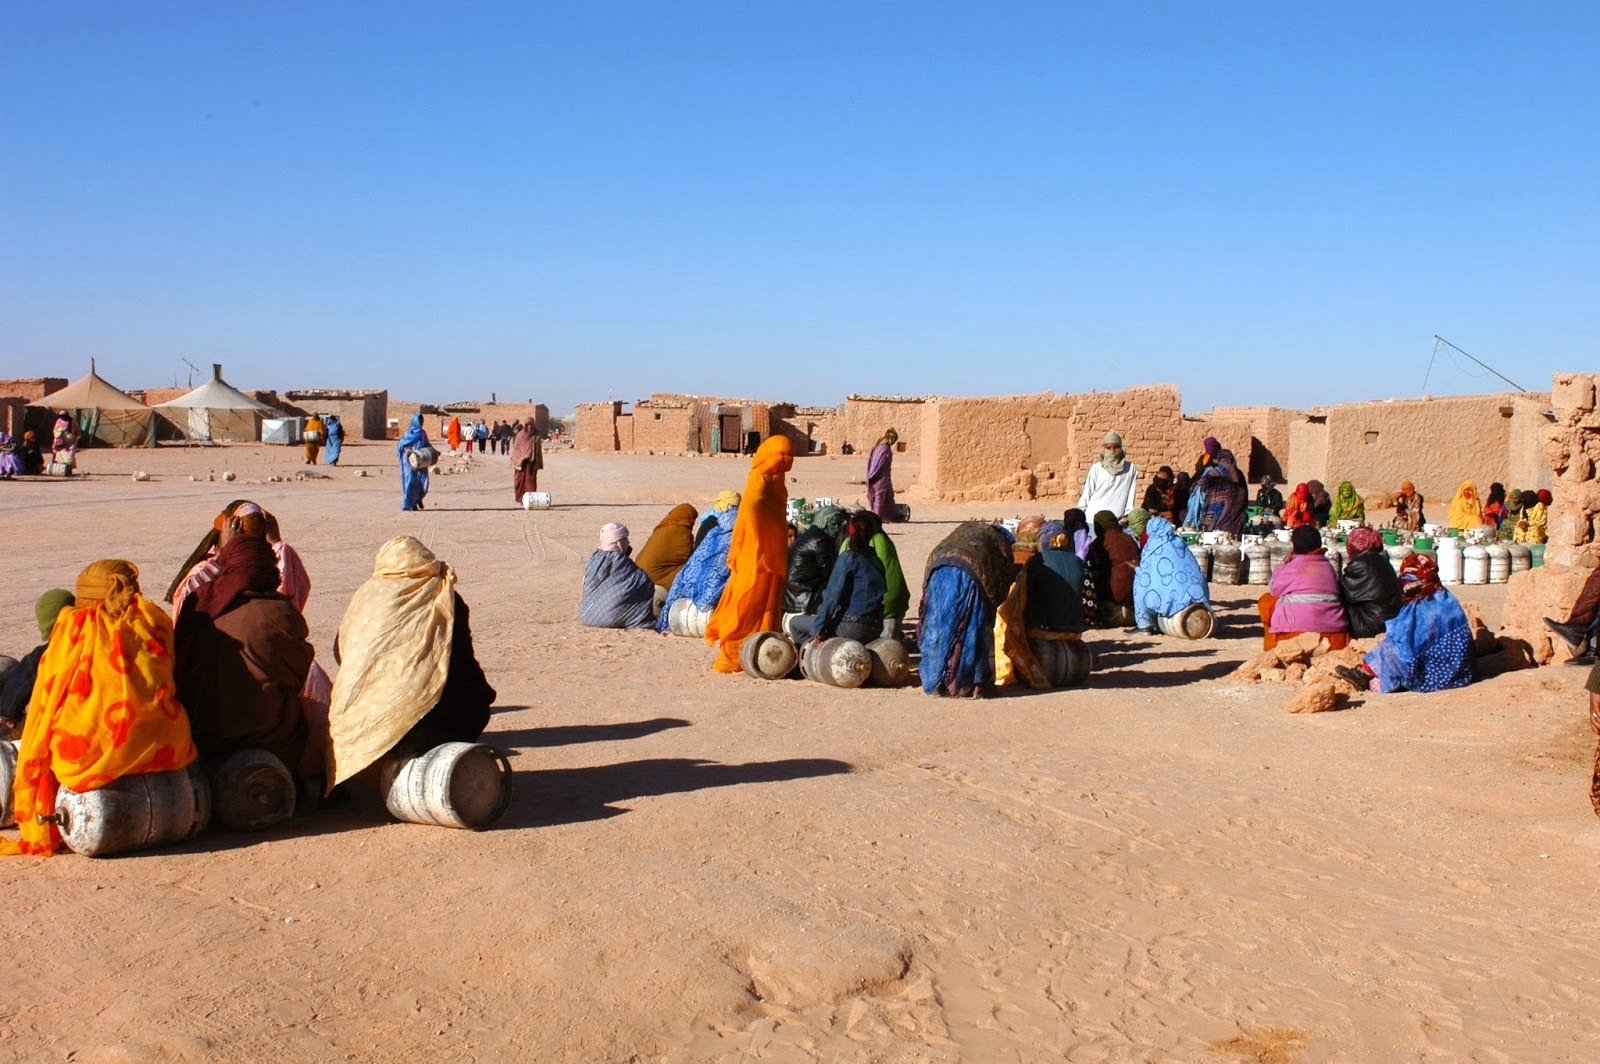 ملف الصحراء: الجزائر تتلقى صفعة جديدة بمجلس حقوق الإنسان